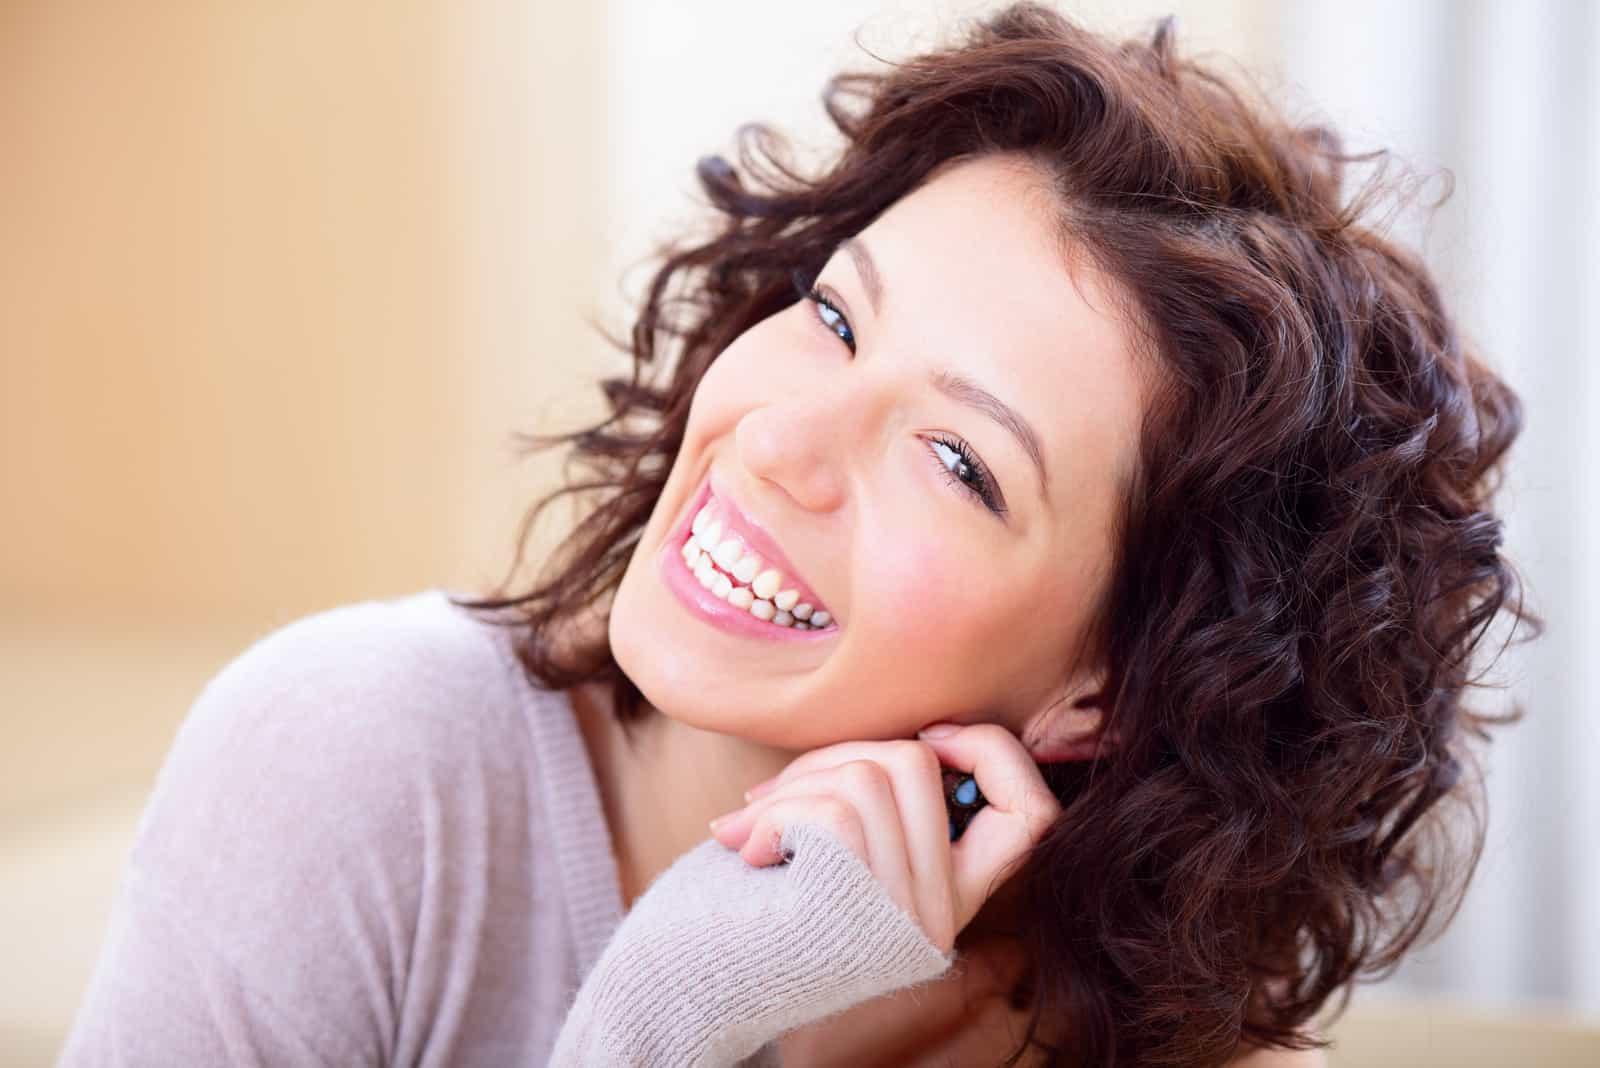 une femme souriante aux cheveux noirs crépus